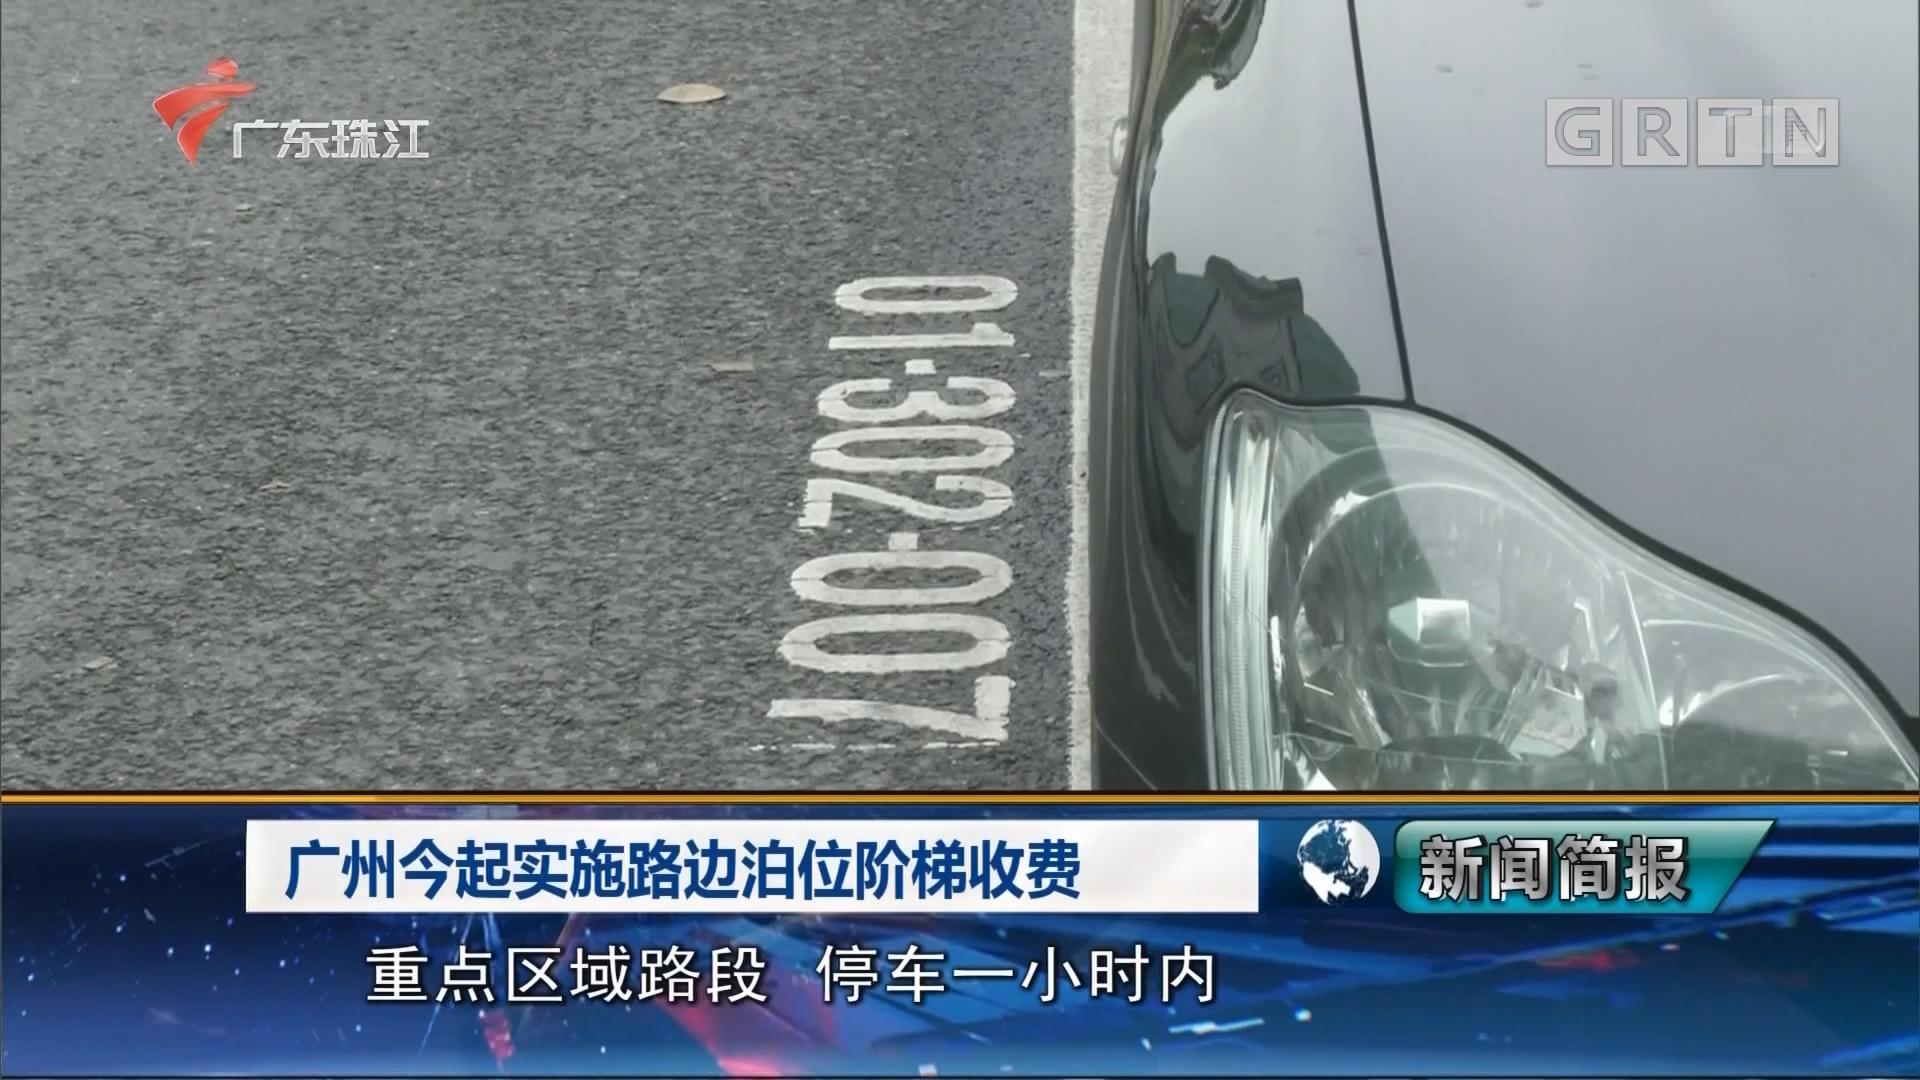 广州今起实施路边泊位阶梯收费